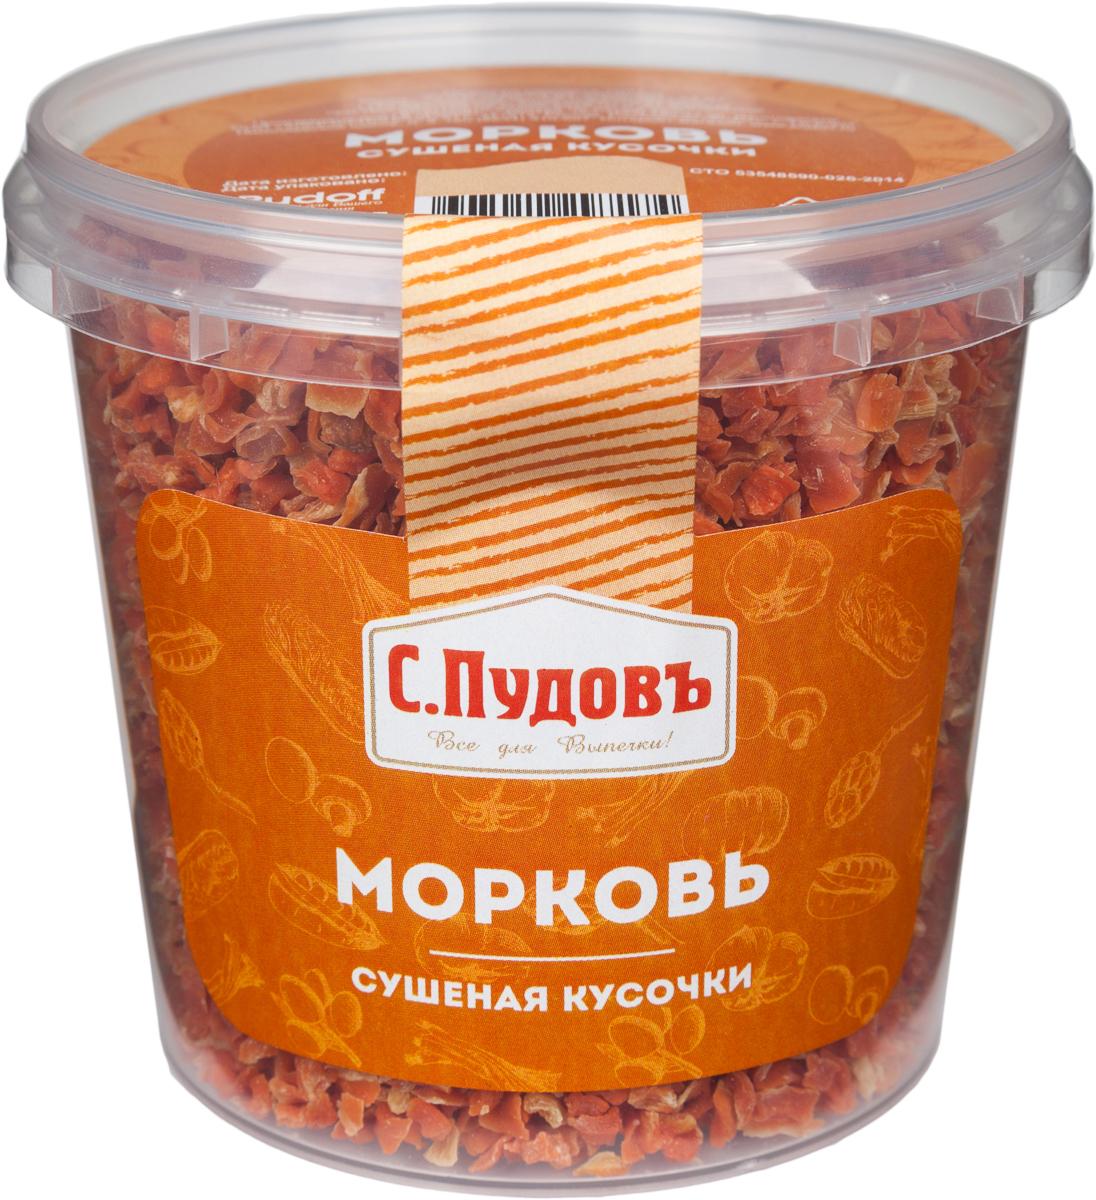 Пудовъ морковь сушеная кусочки, 180 г0120710Морковь сушеная широко используются в приготовлении различных видов выпечки — можно добавлять непосредственно в тесто, а можно посыпать сверху для красоты. Подходят для любых видов хлеба, пирогов. Важно помнить, что чем больше в тесте будет начинки, тем меньше муки, а следовательно тесто не сможет высоко подняться. В моркови содержится большое количество полезного вещества каротина, который не заменим для глаз, а также калия, железа, фосфора и фолиевой кислоты.